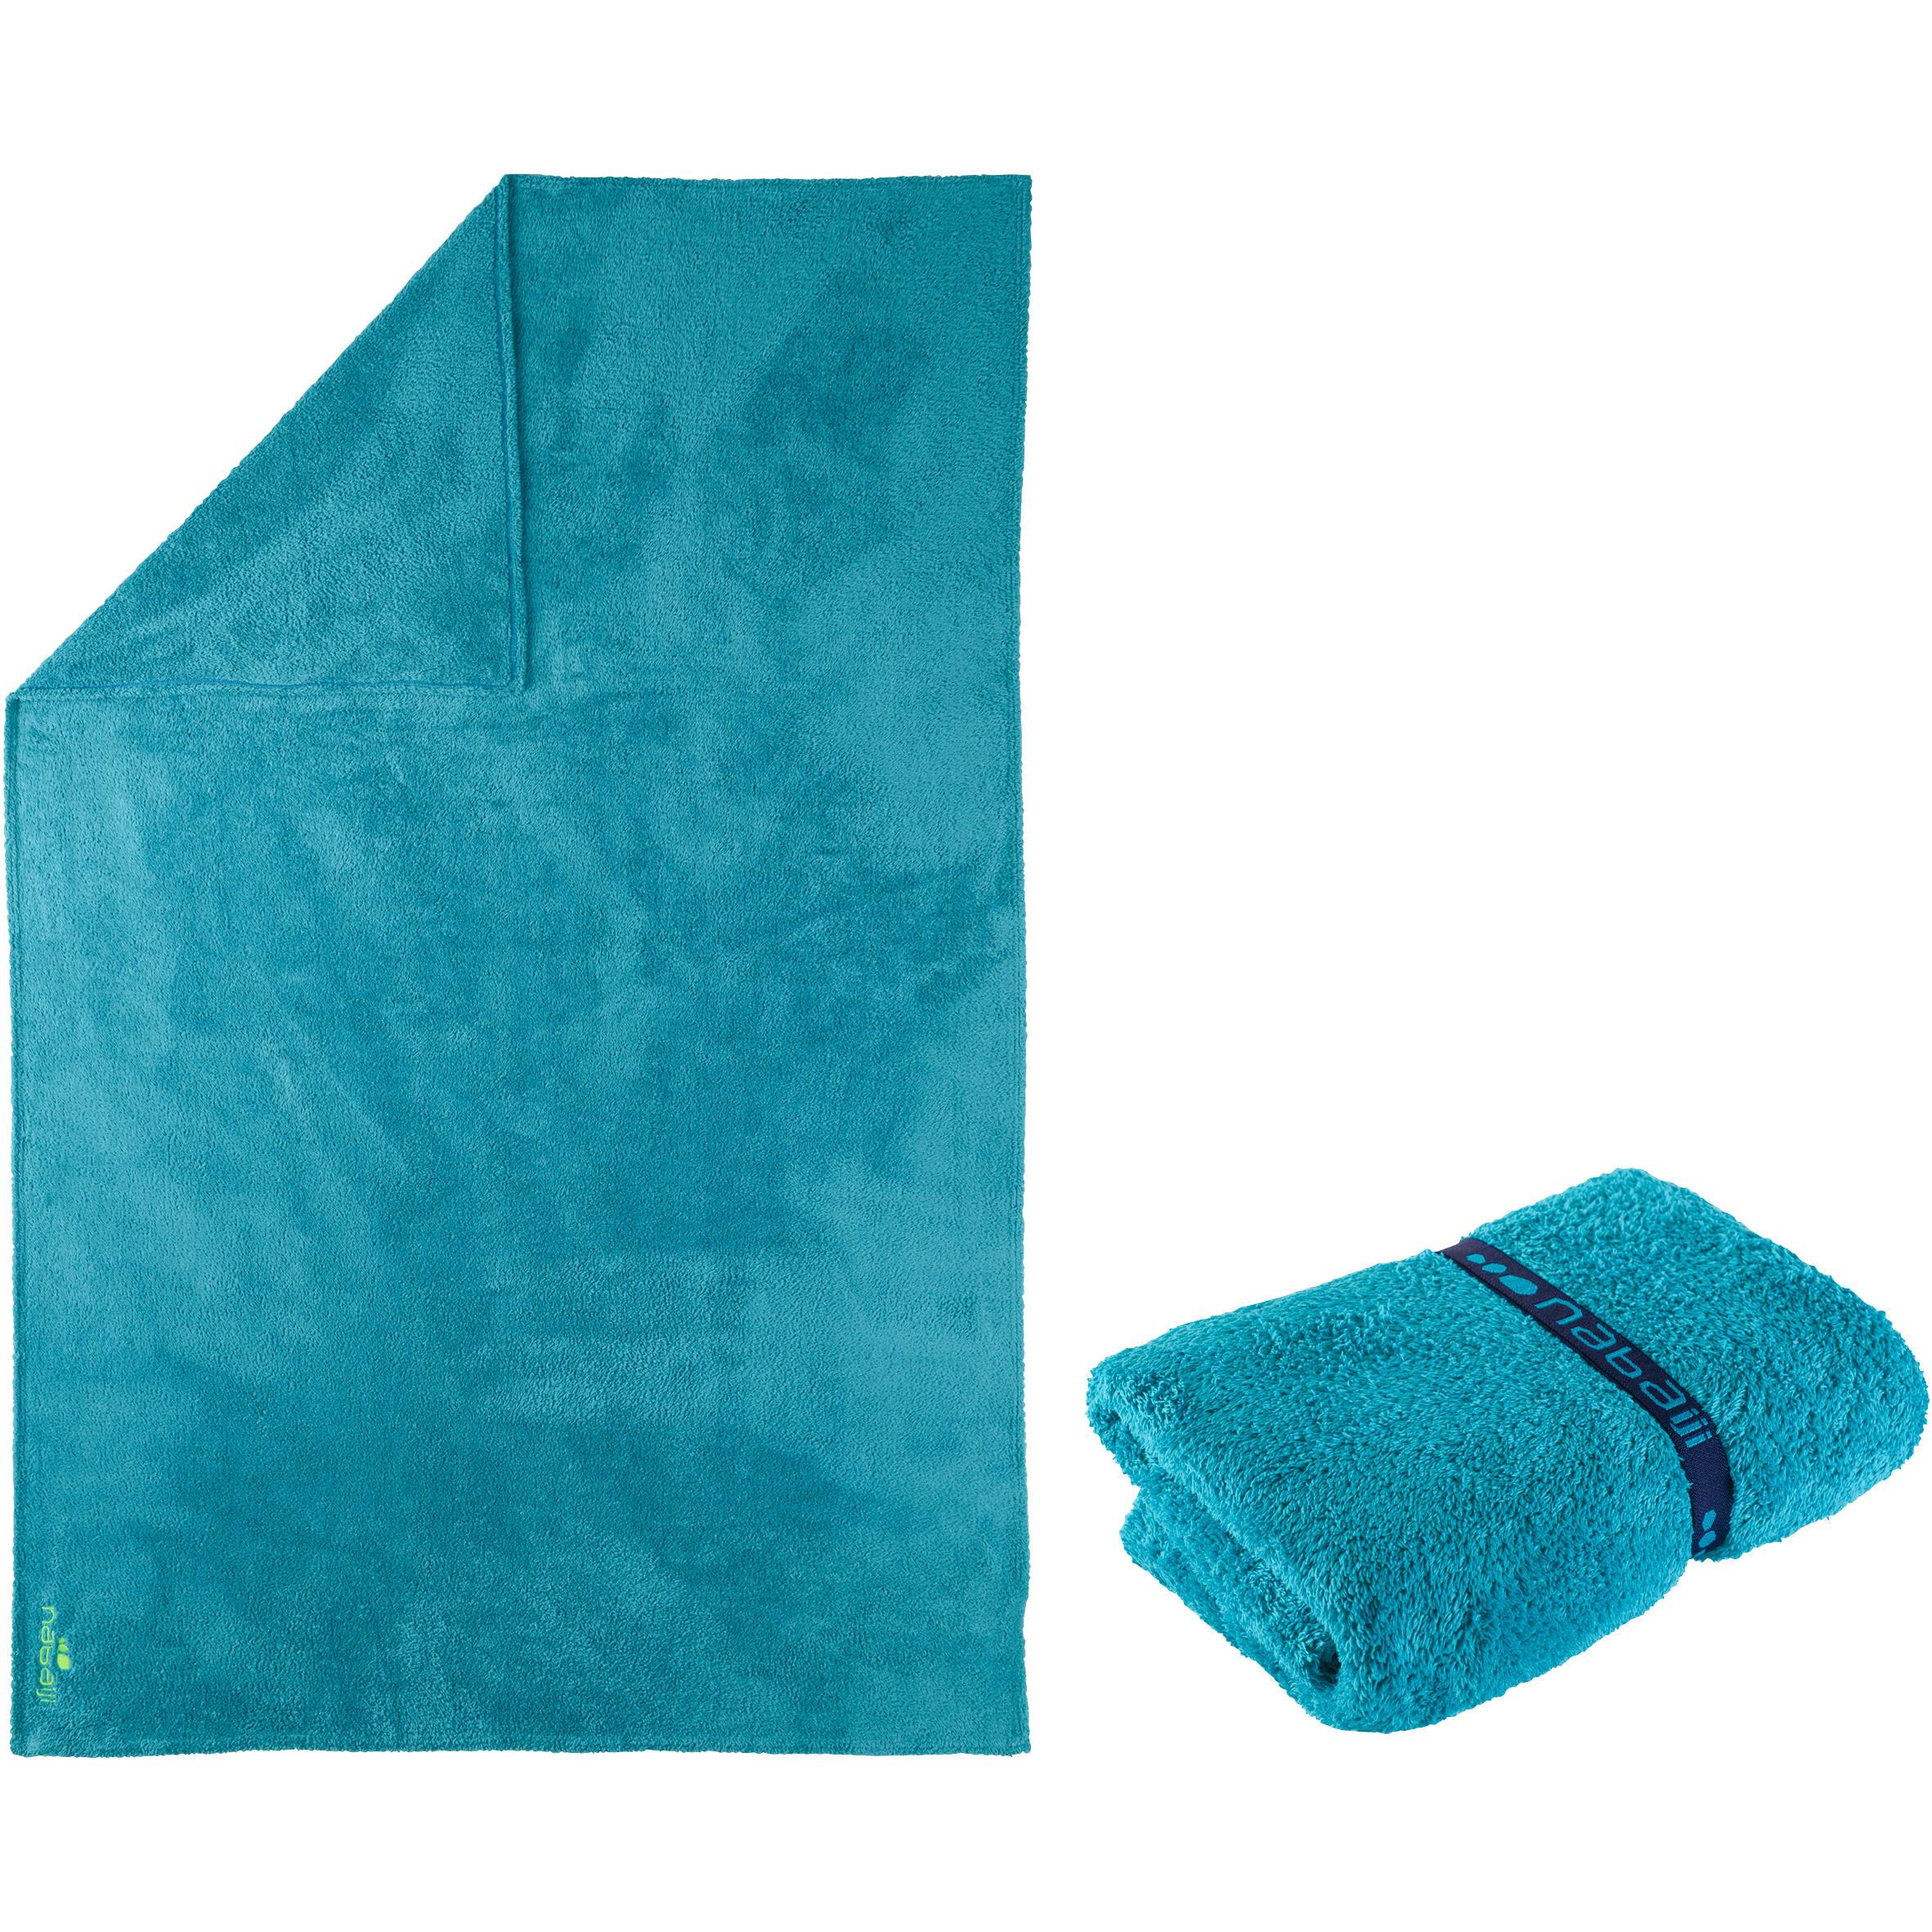 Serviette microfibre bleue très douce taille TG 3,6' x 5,7'